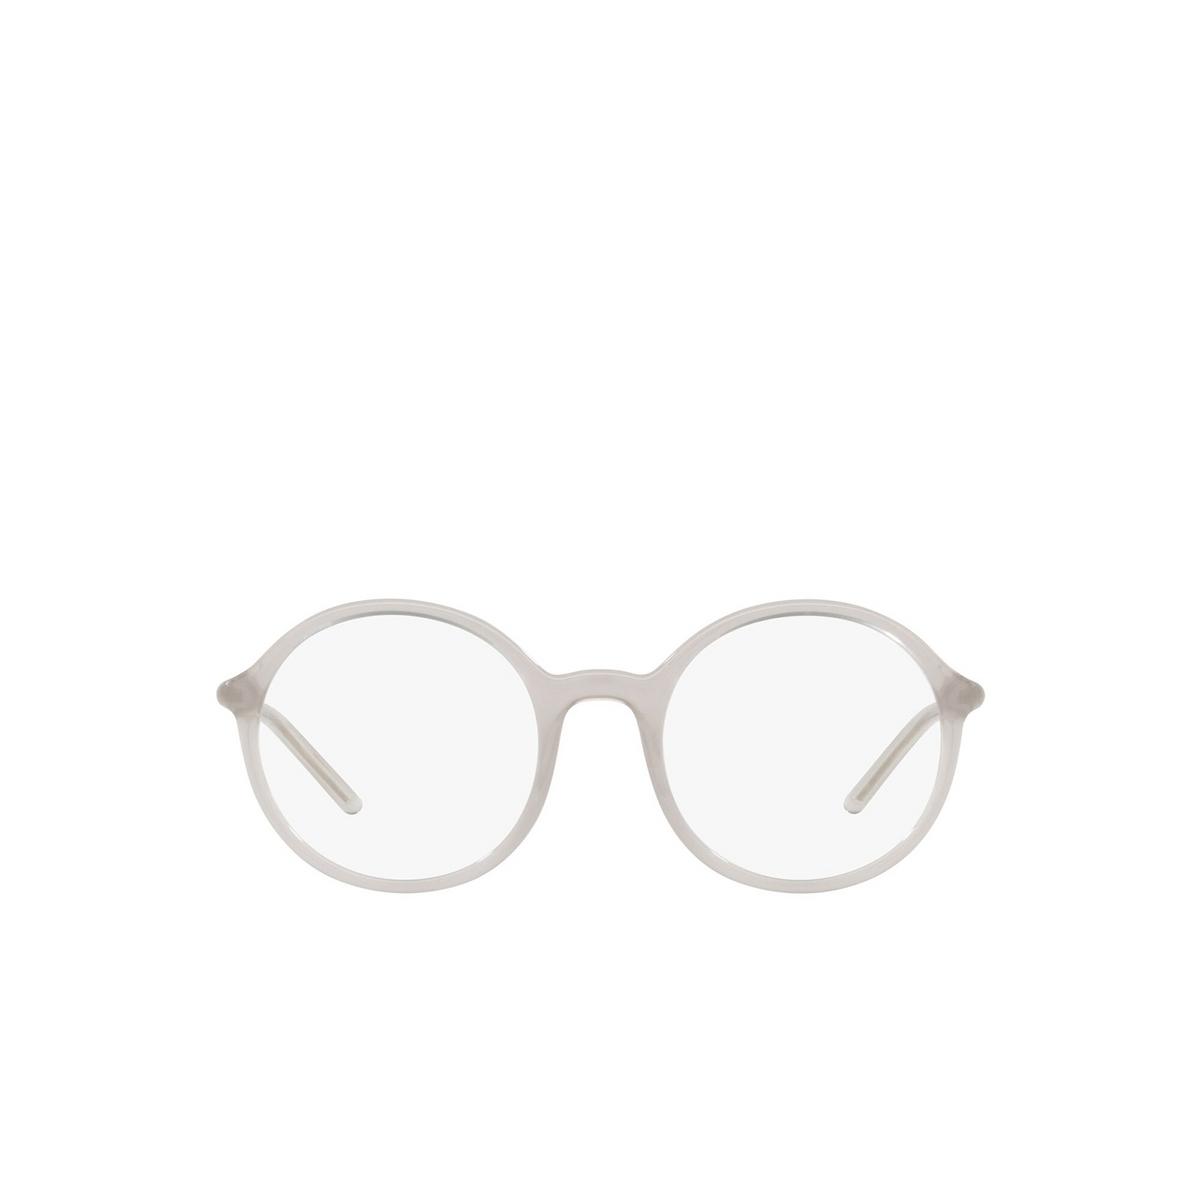 Prada® Round Eyeglasses: PR 09WV color Opal Grey TWH1O1 - front view.